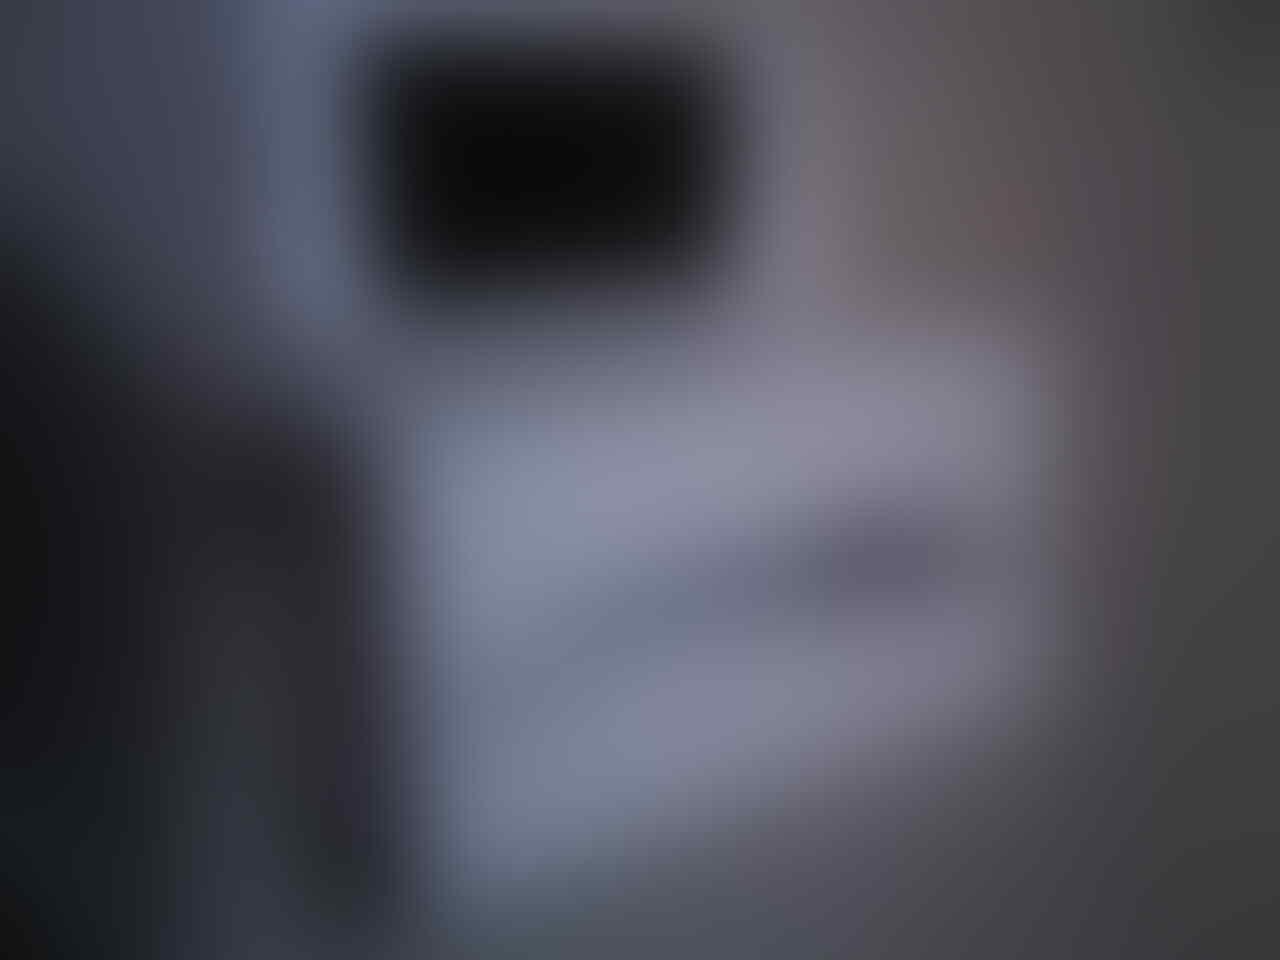 di jual iphone 5 white 32 gb fu muluss